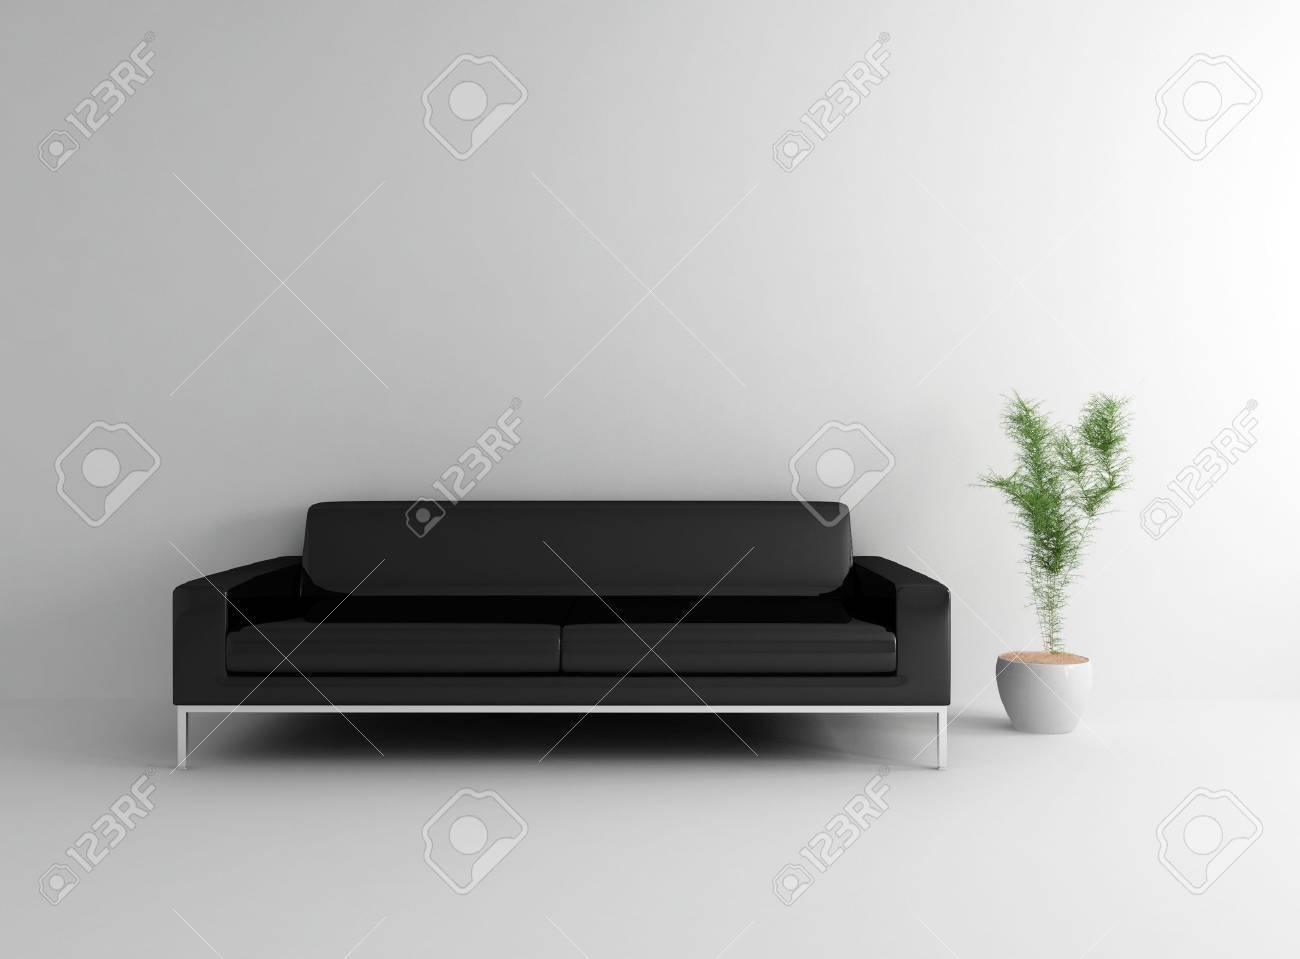 Divano Nero Moderno : Pianta e moderno divano nero con foto royalty free immagini